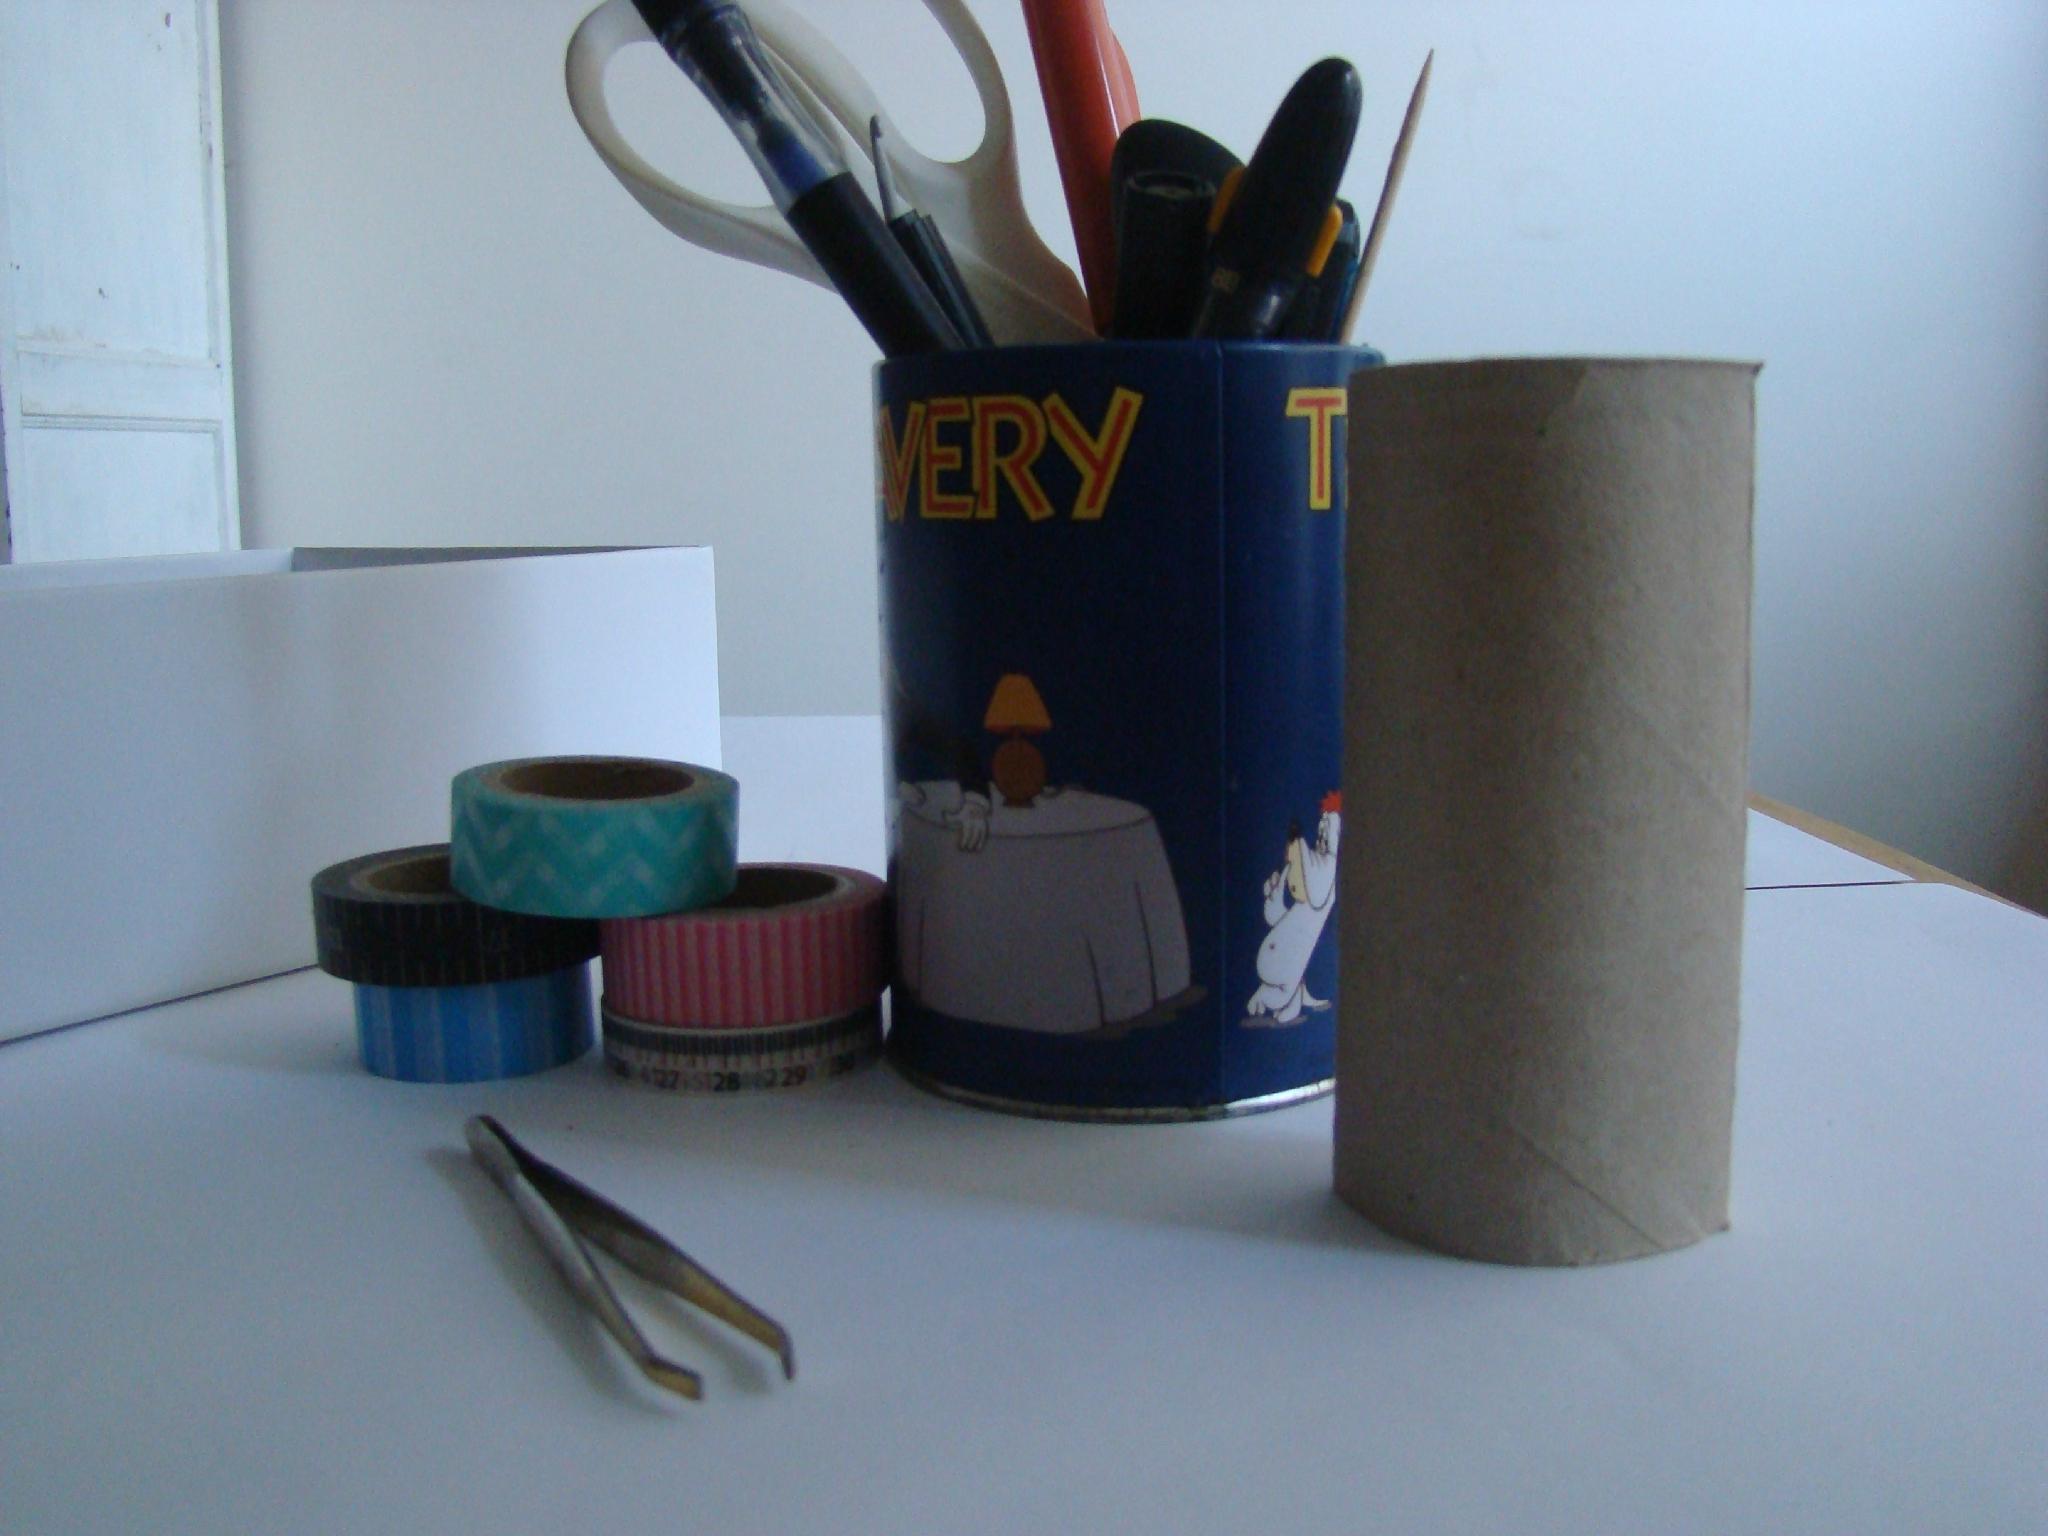 Tuto: ☆ Recycler Un Tube De Papier Toilette☆ - La Fée Tonnante dedans Toilettes Bouchées Que Faire